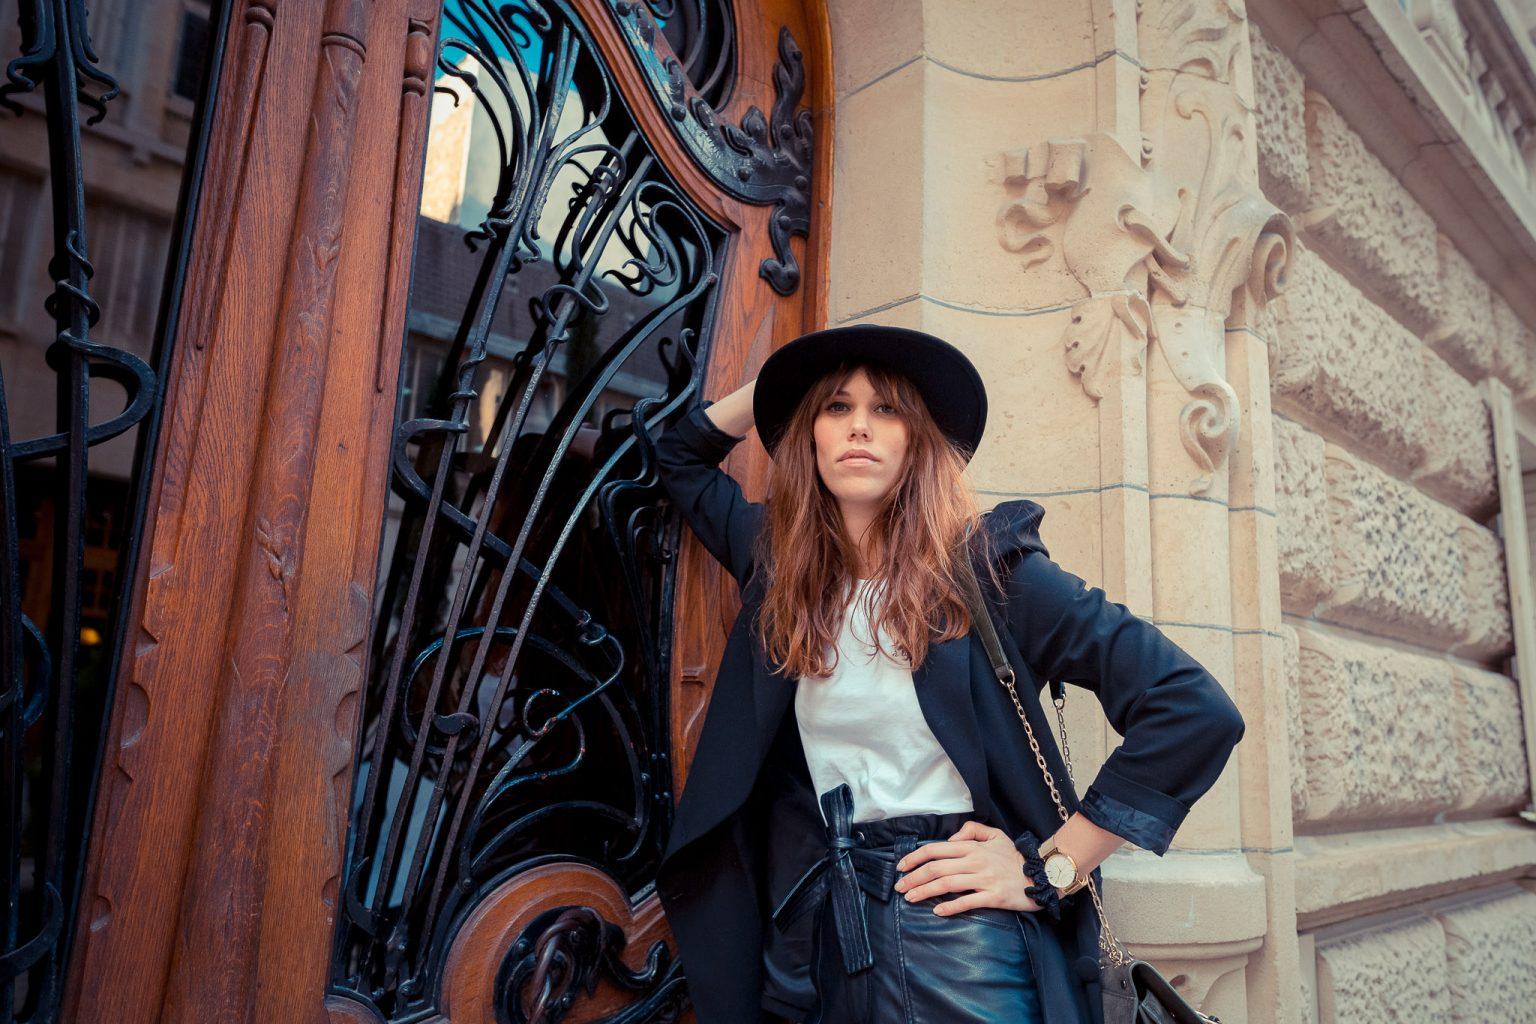 photographe corporate portrait shooting mode paris